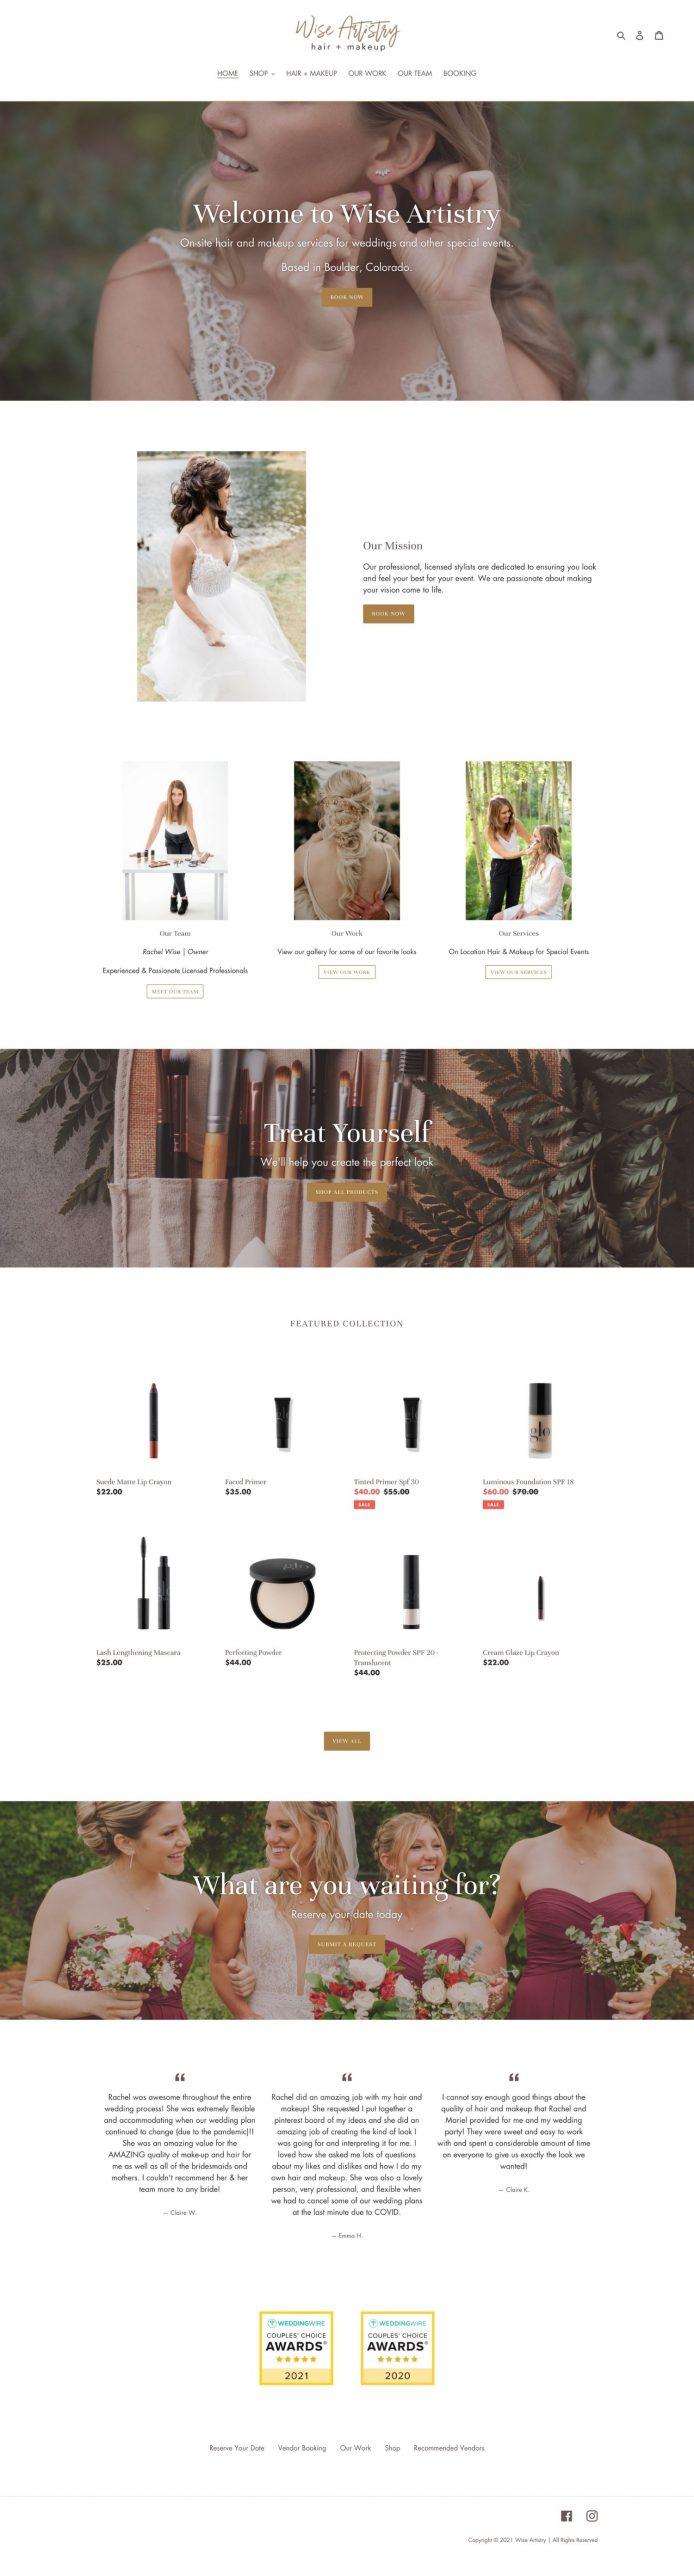 wise-artistry_website-design